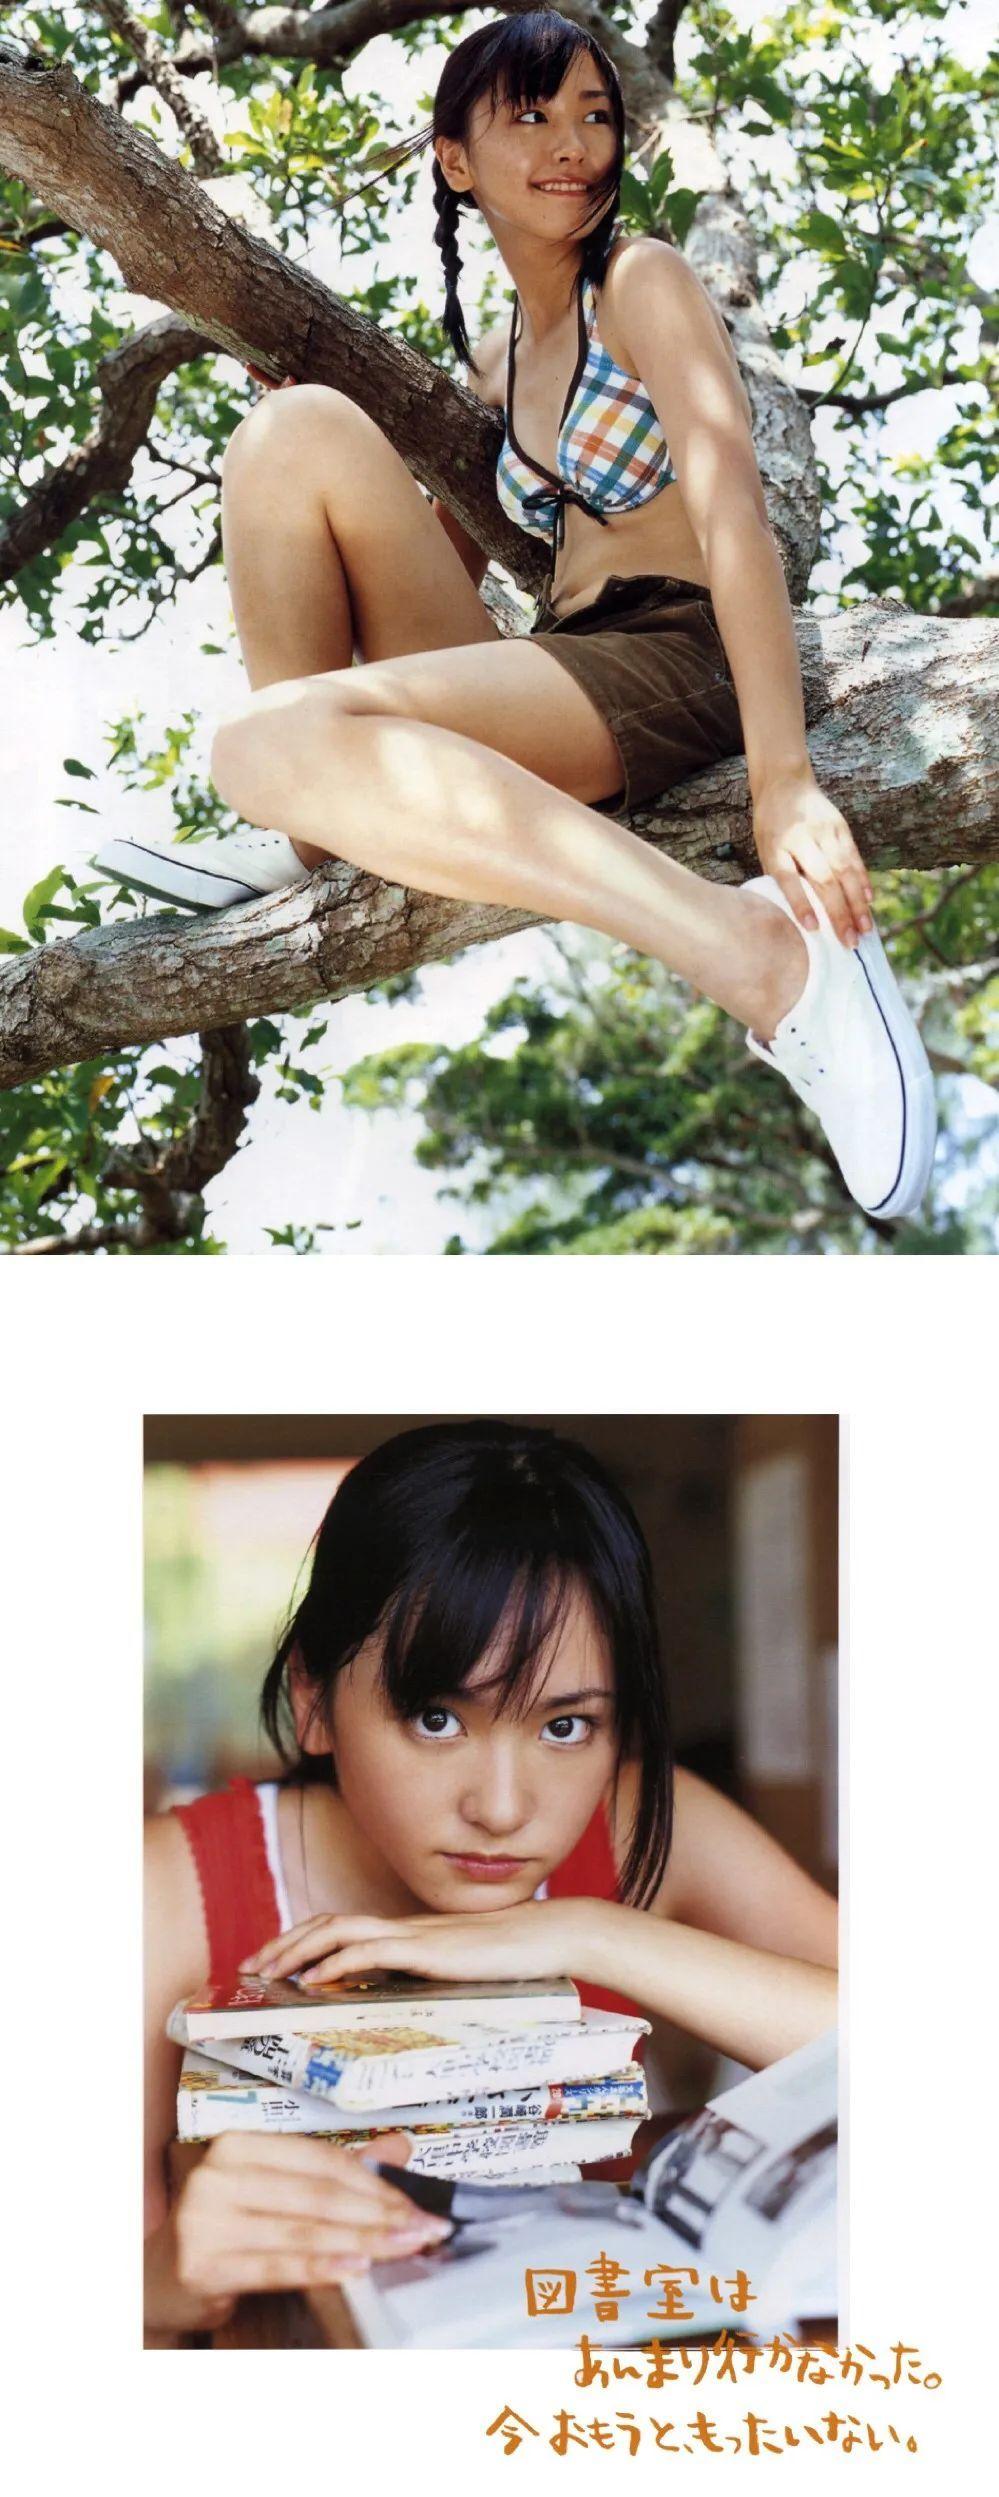 新垣结衣泳装写真集,《水漾青春17岁》_图片 No.12